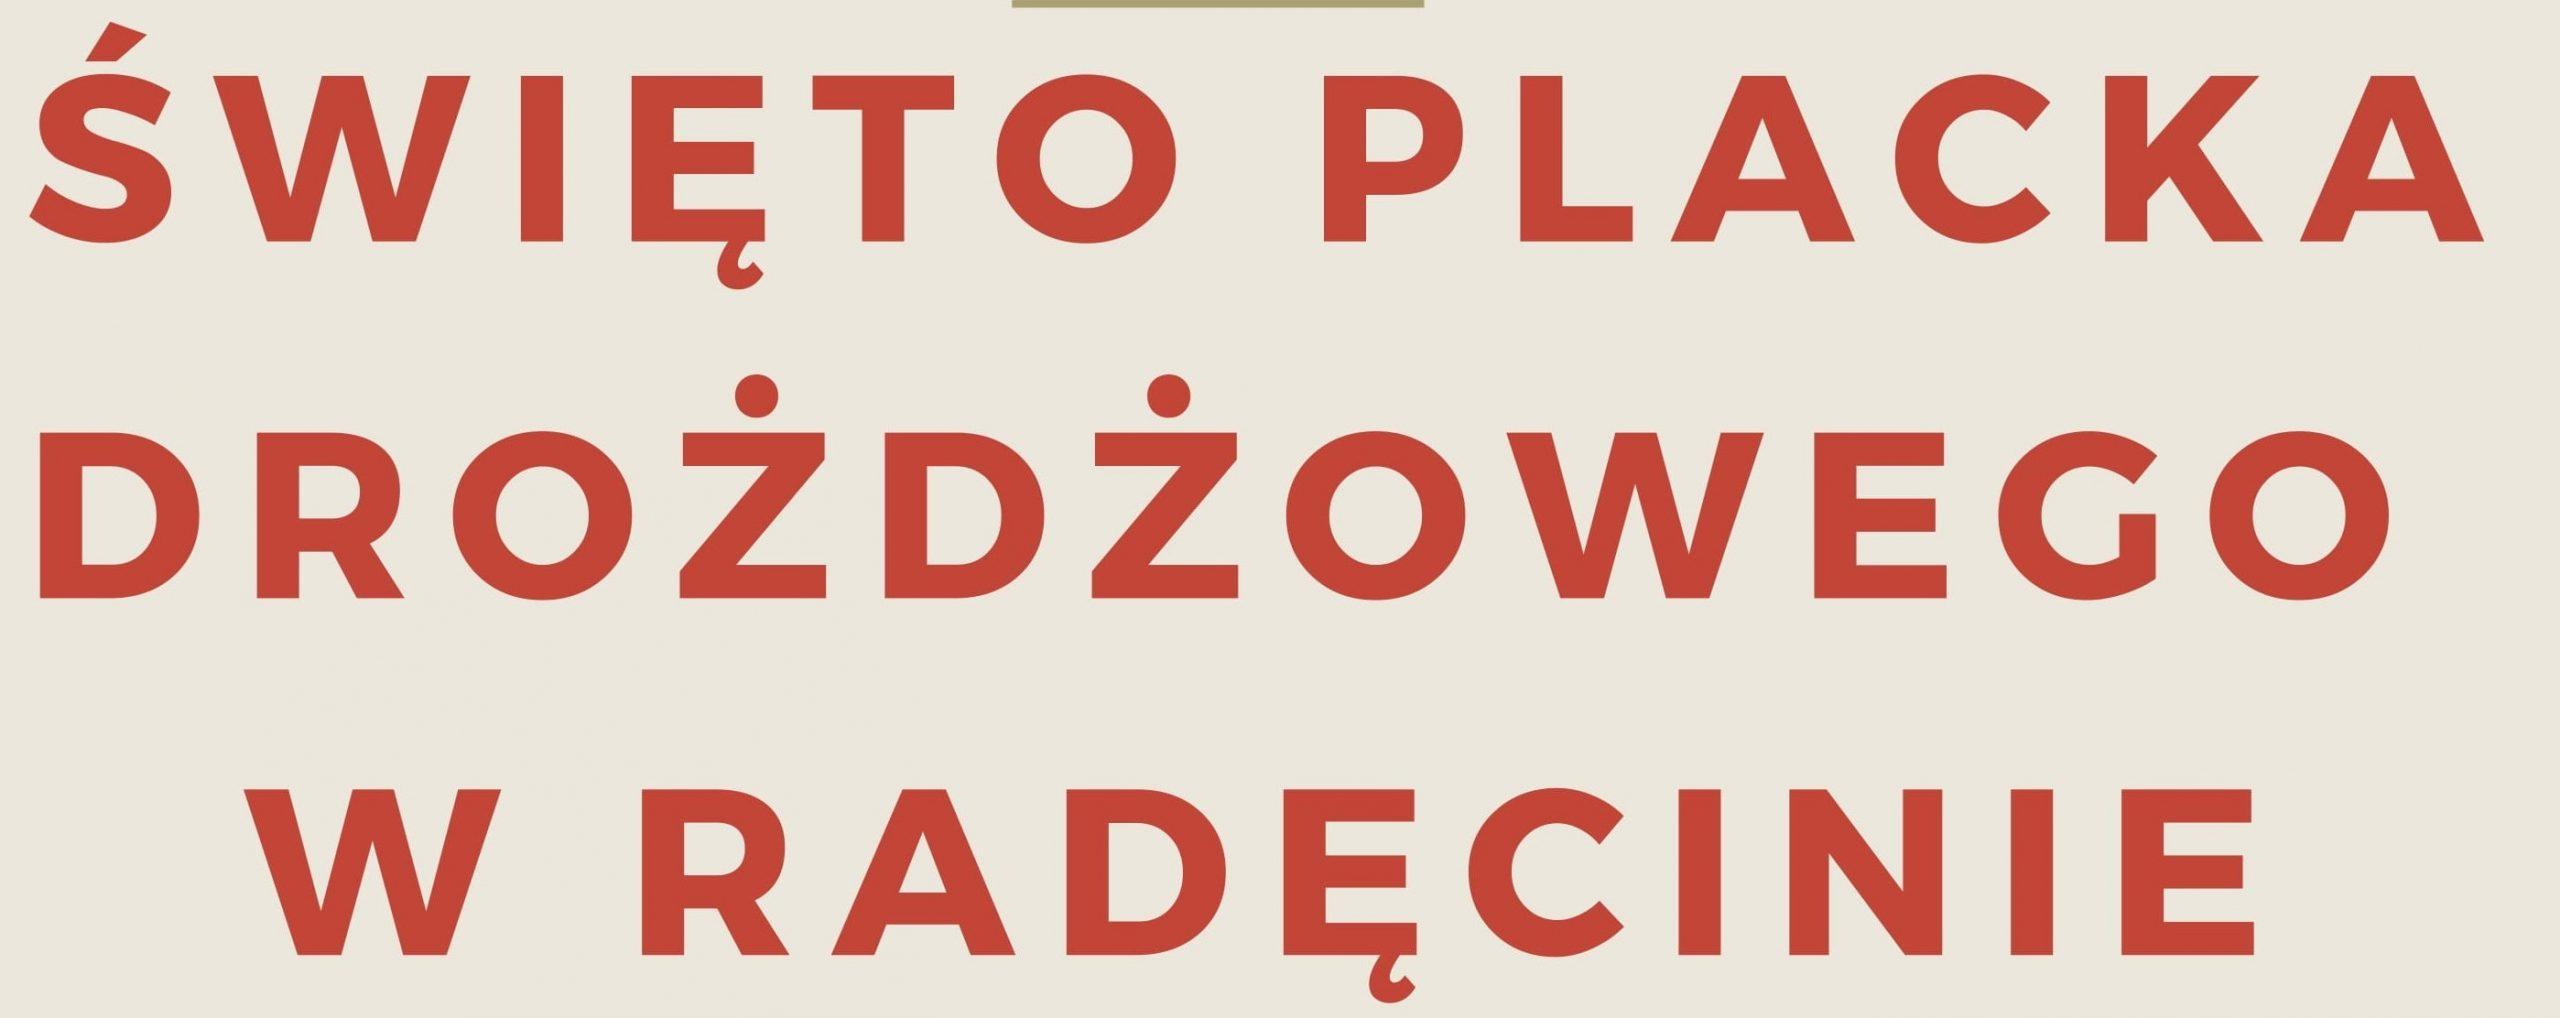 Święto Placka Drożdżowego w Radęcinie